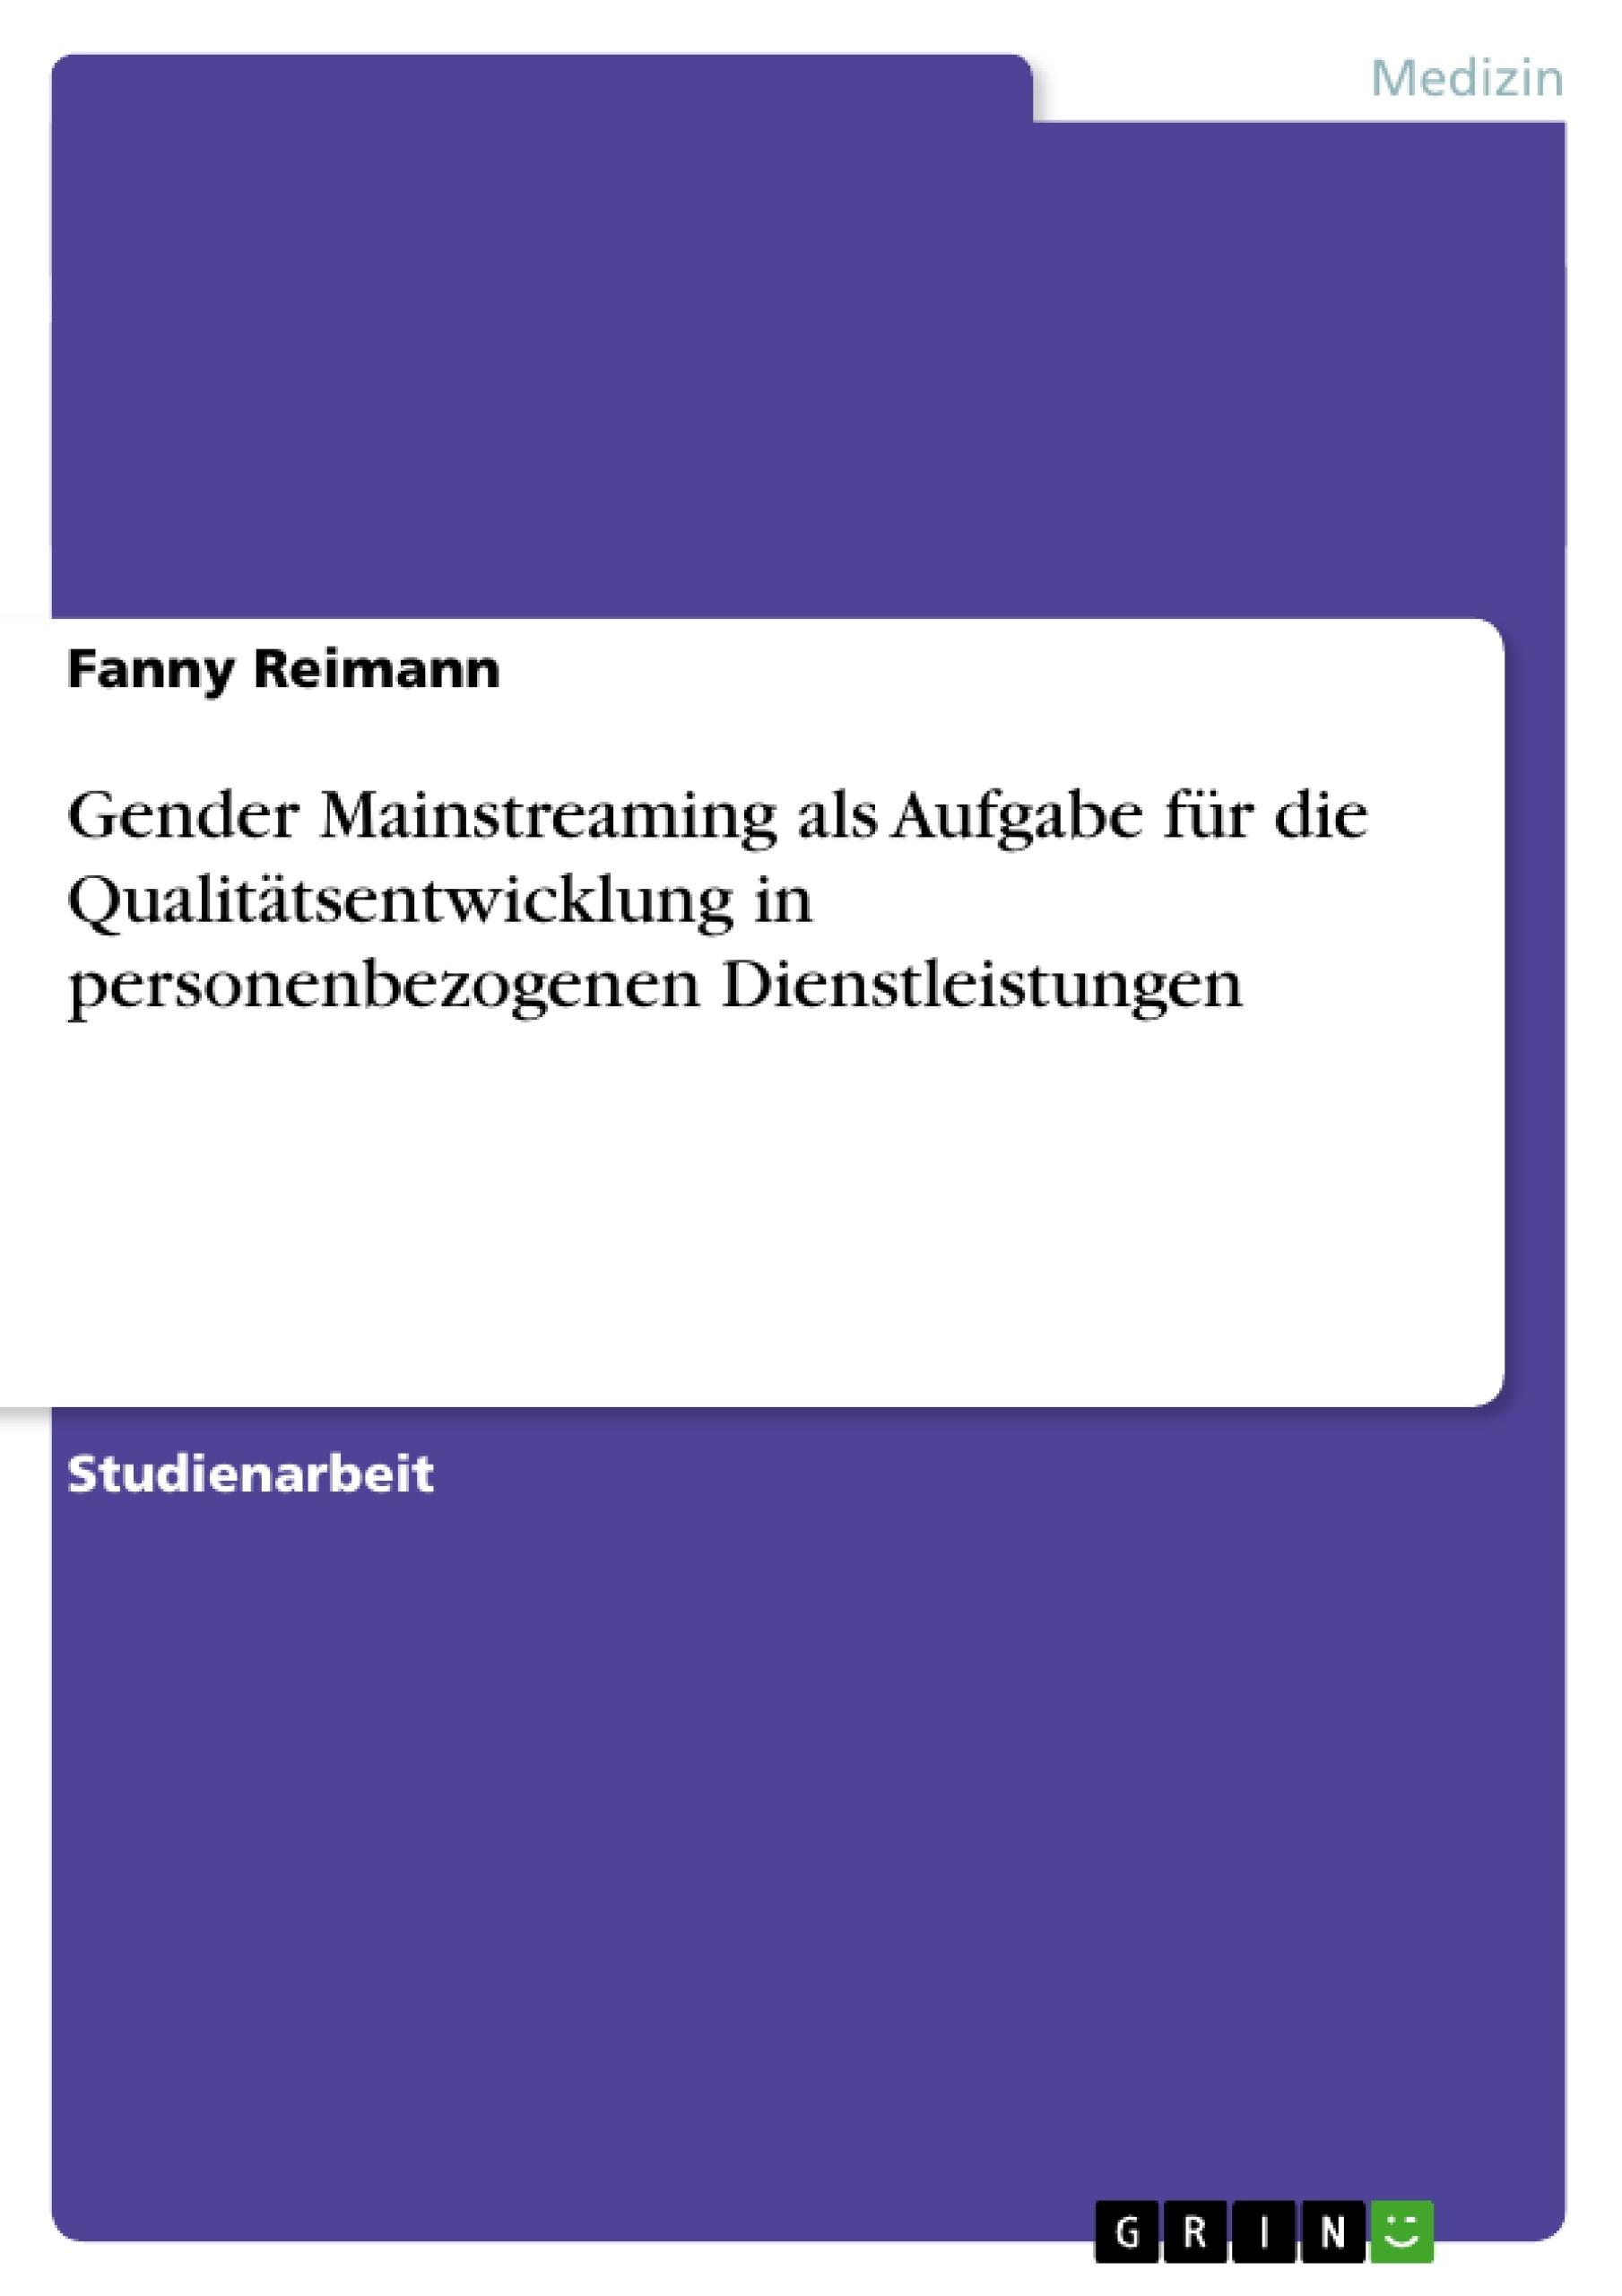 Titel: Gender Mainstreaming als Aufgabe für die Qualitätsentwicklung in personenbezogenen Dienstleistungen